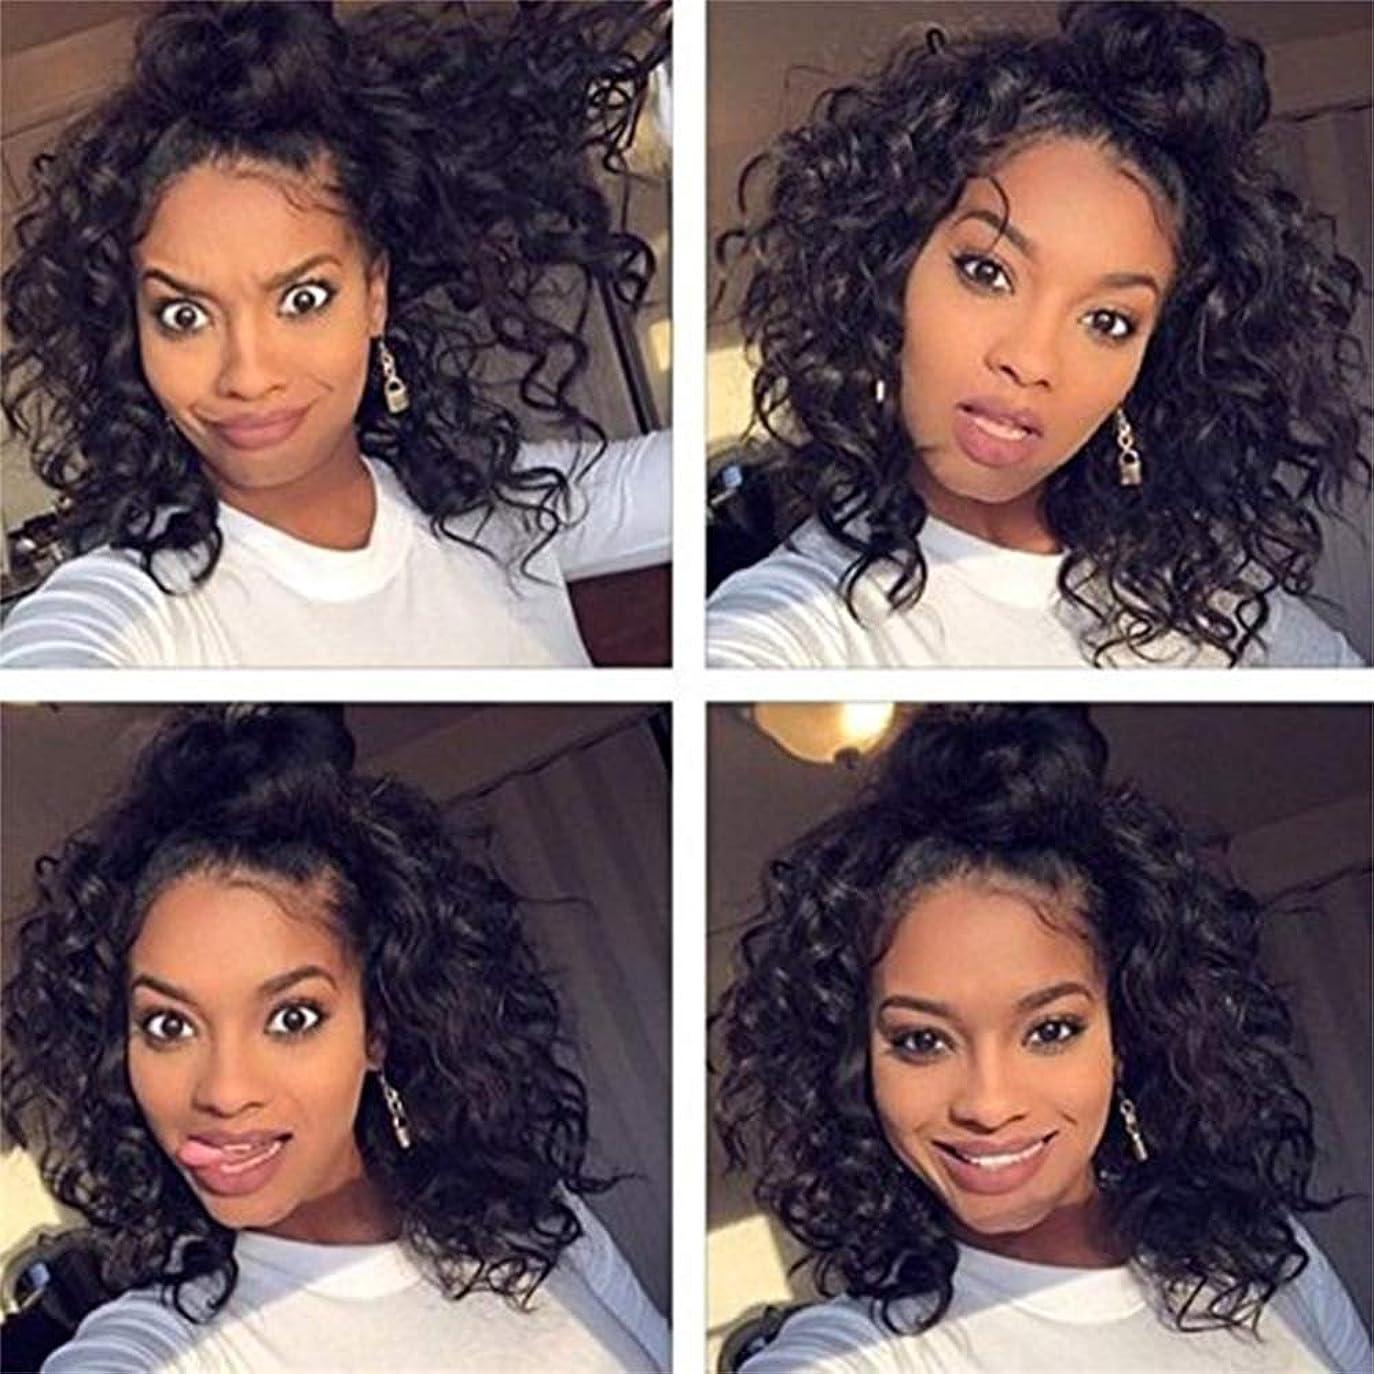 翻訳する家事潮180%密度波状の短いボブのかつらレースフロント人毛ウィッグ黒人女性のためのremy毛髪のかつら14インチ